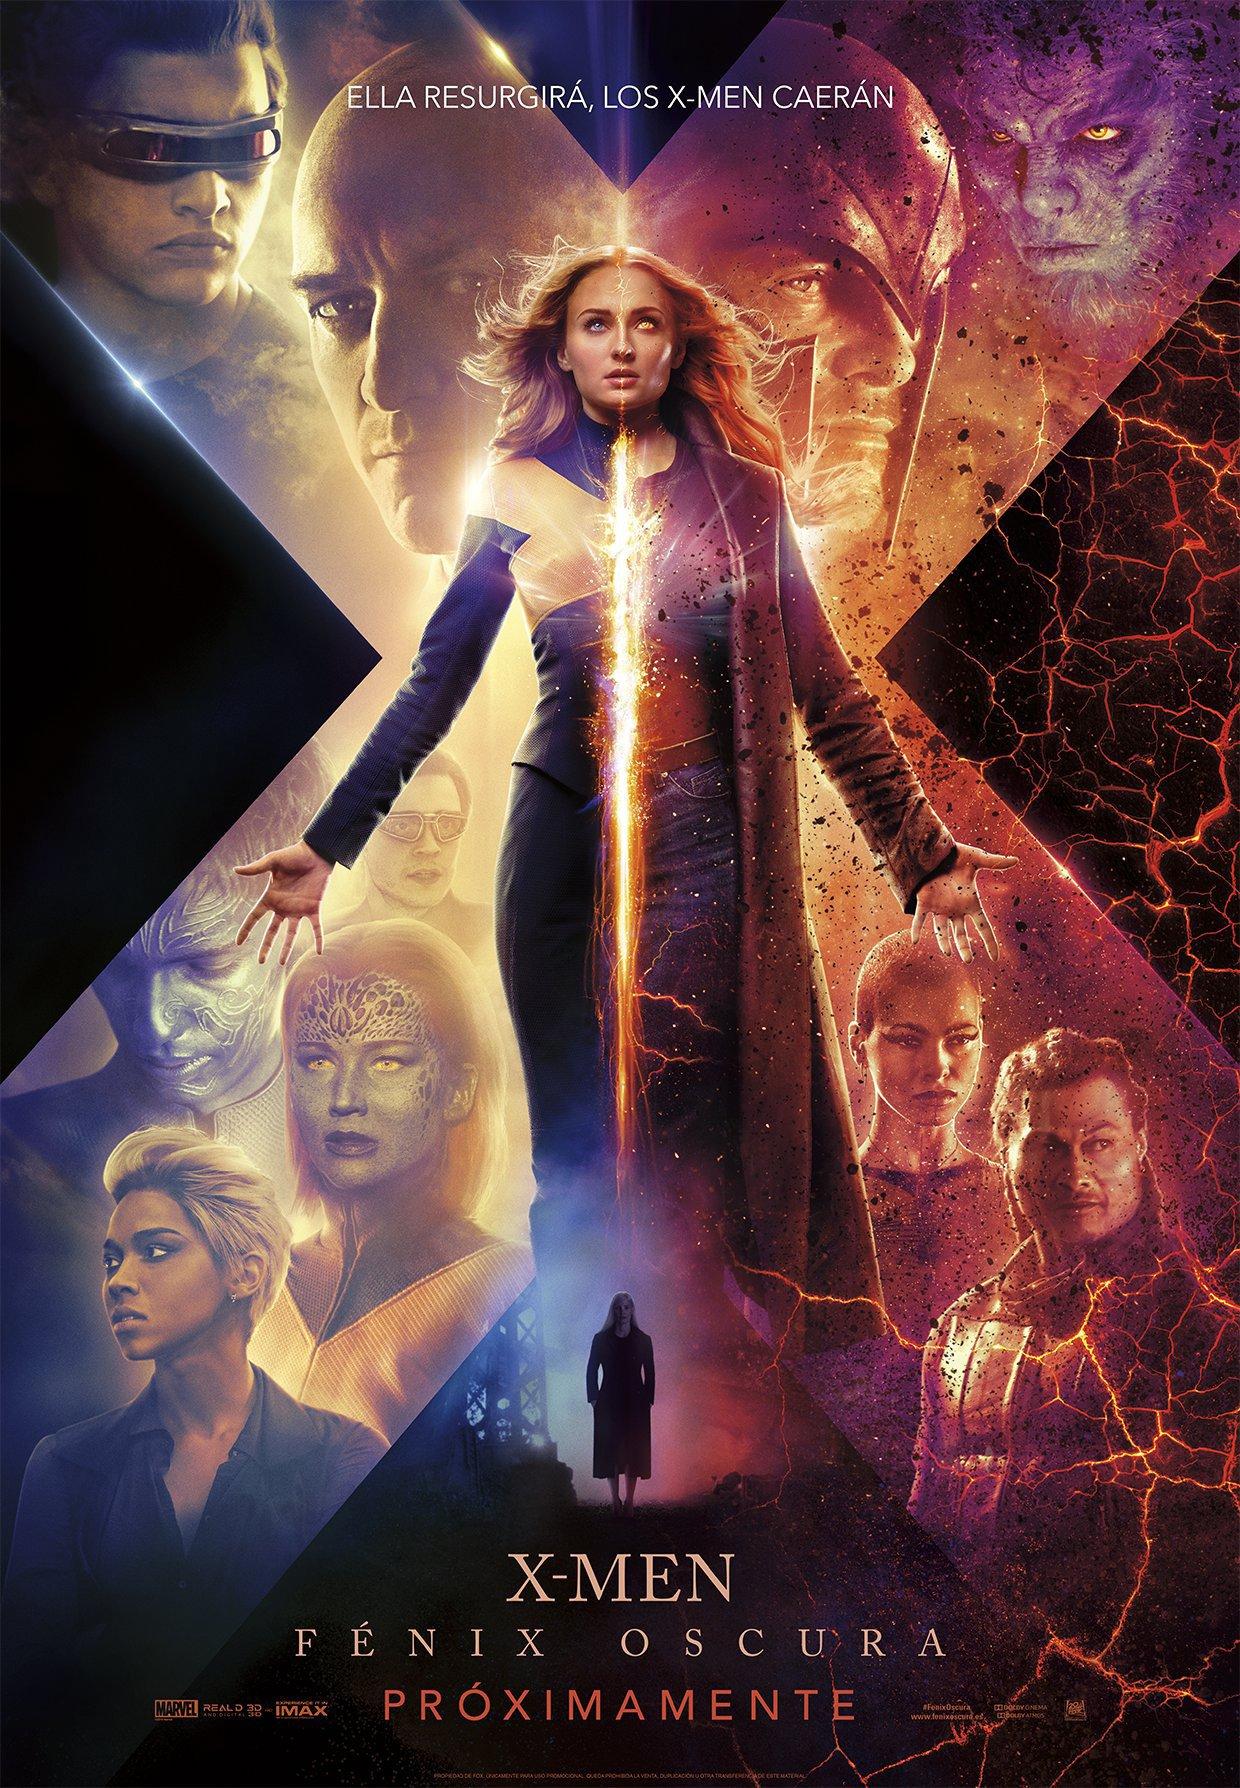 'X-Men: Fénix Oscura': El nuevo póster nos muestra las dos caras de Jean Grey